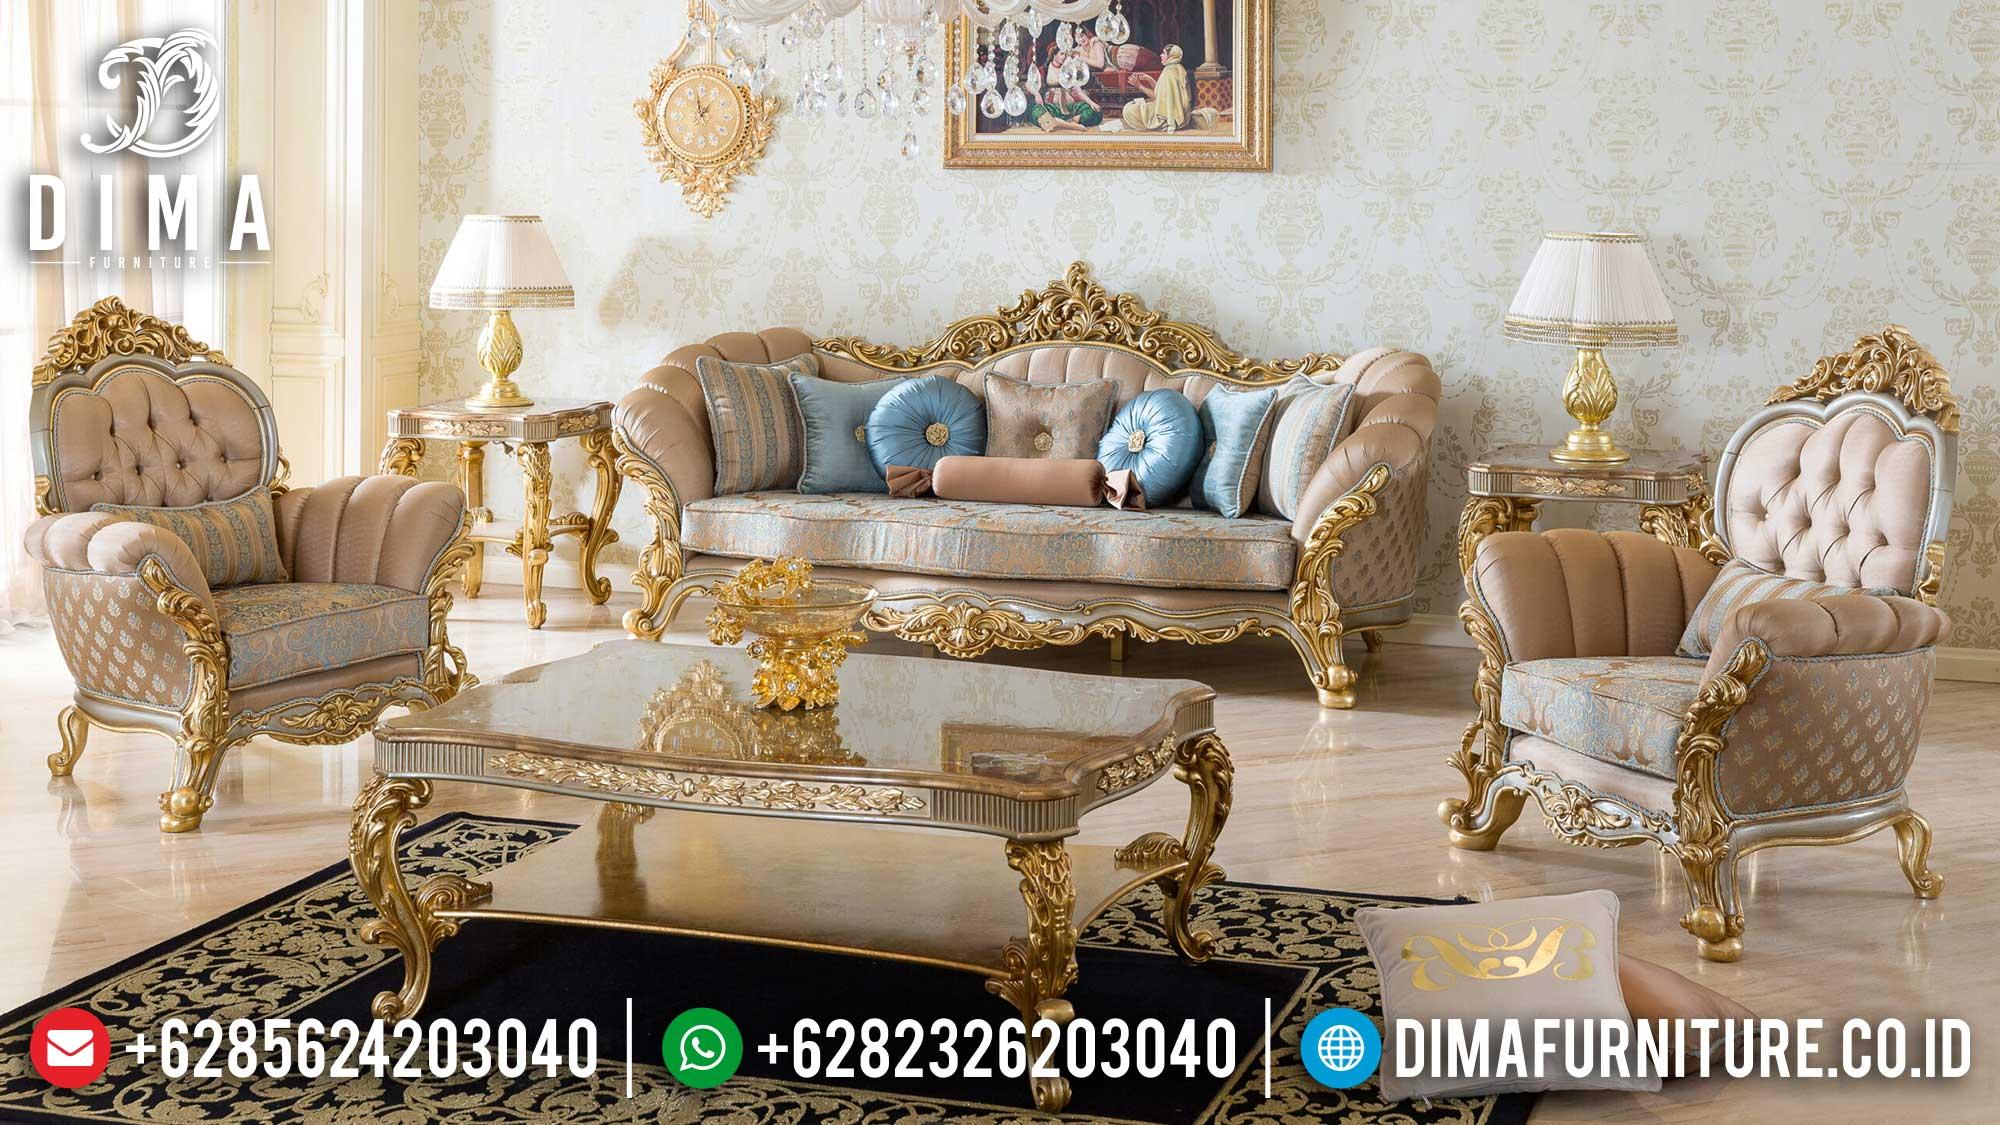 Sofa Tamu Mewah Luxury, Kursi Sofa Tamu Elegant Carving, Meja Tamu Ukiran Jepara Asli Mm-0957